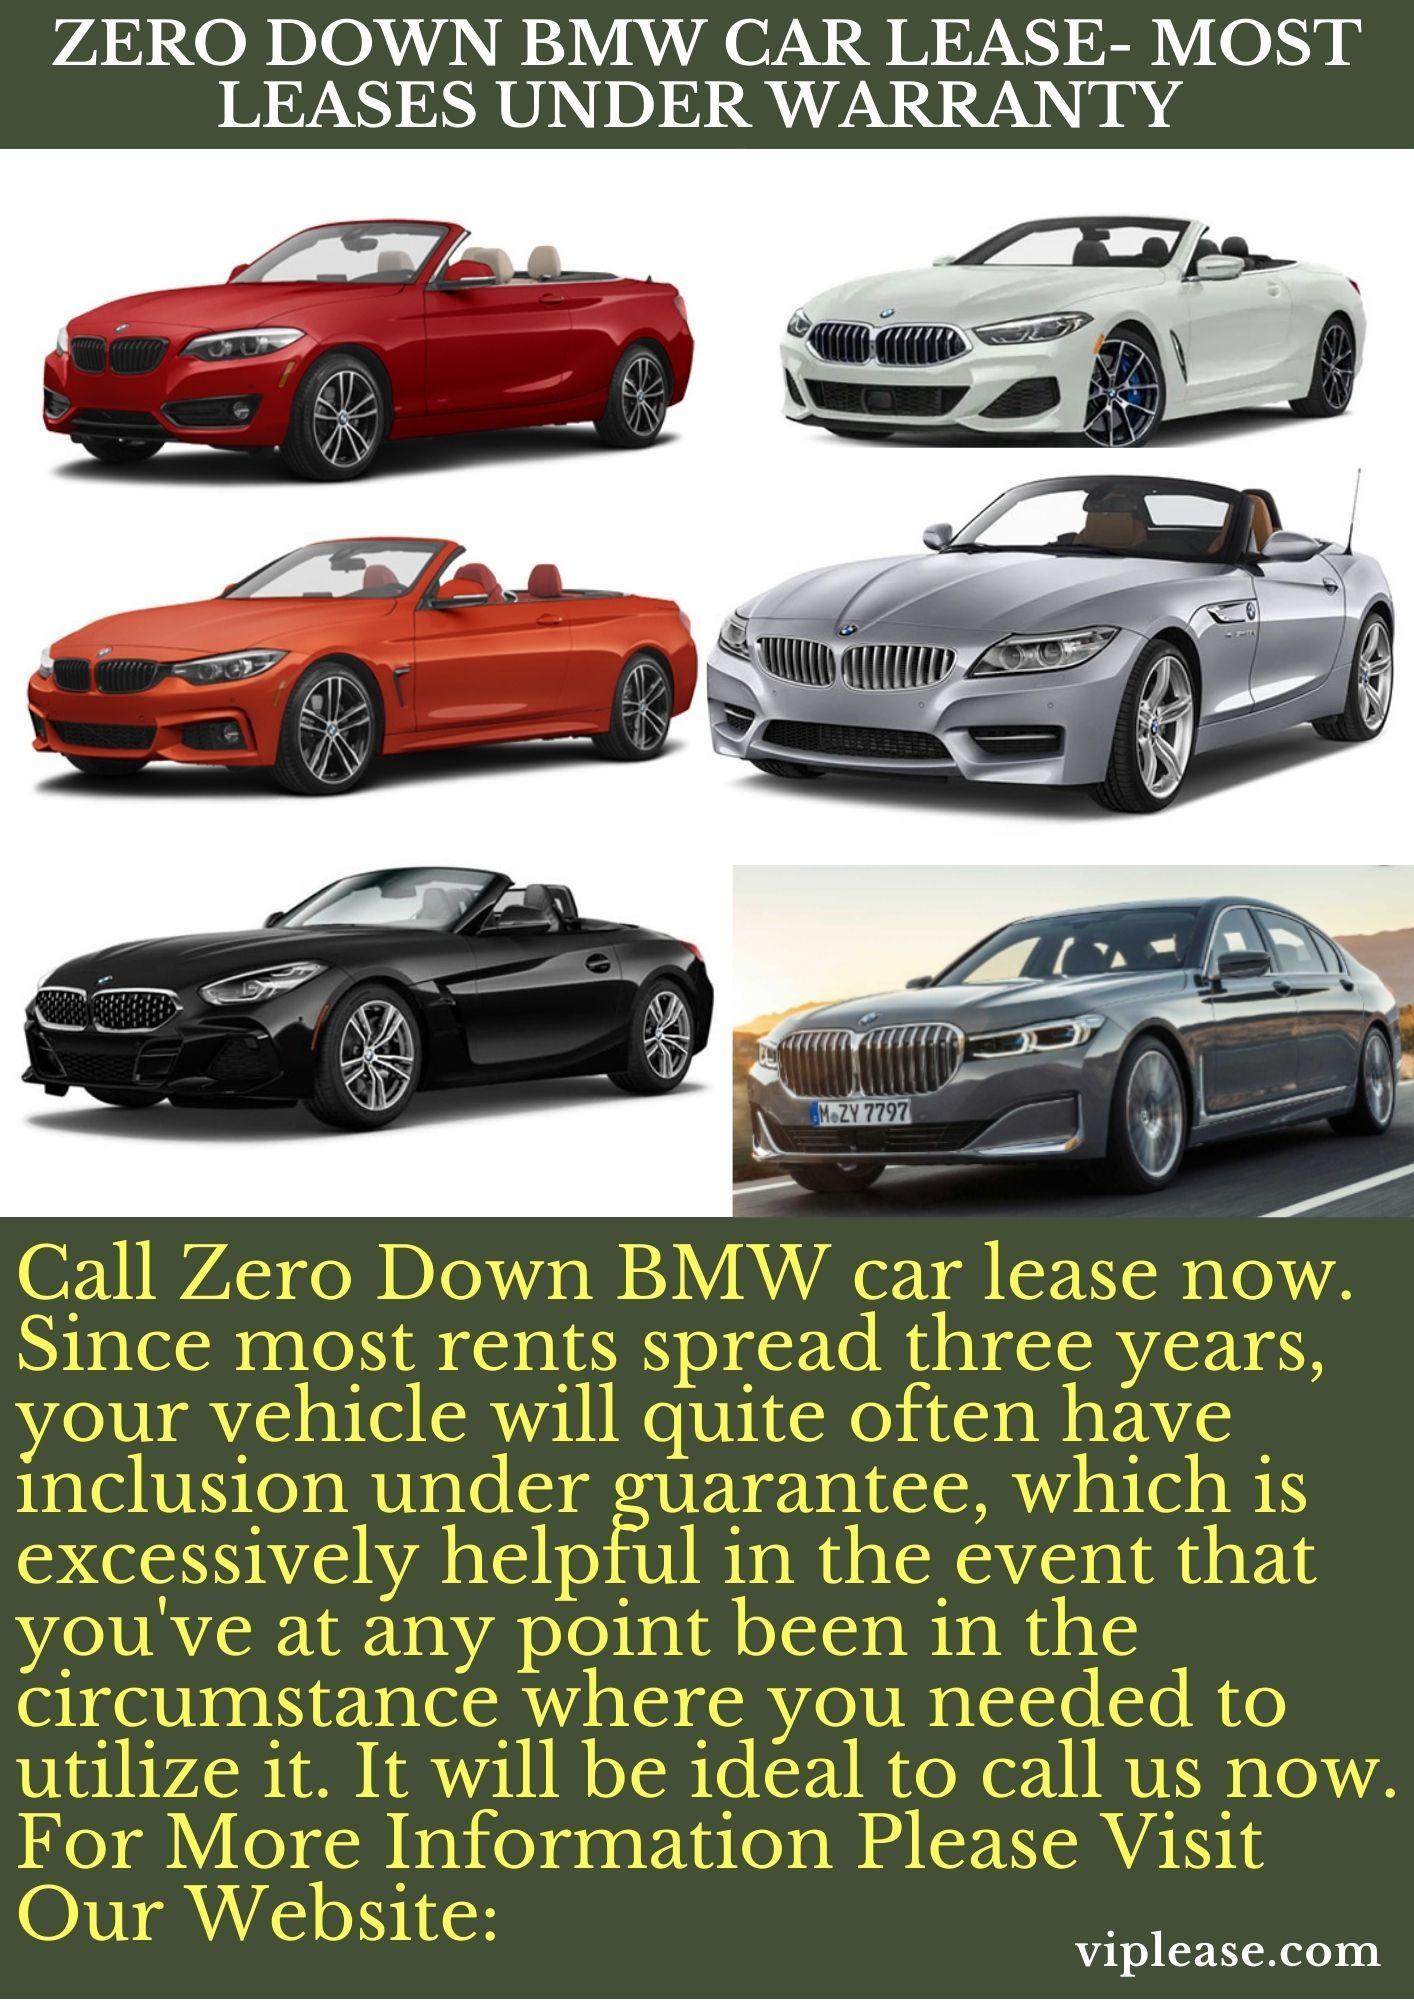 Zero Down Bmw Car Lease Most Leases Under Warranty Car Lease Bmw Car Car